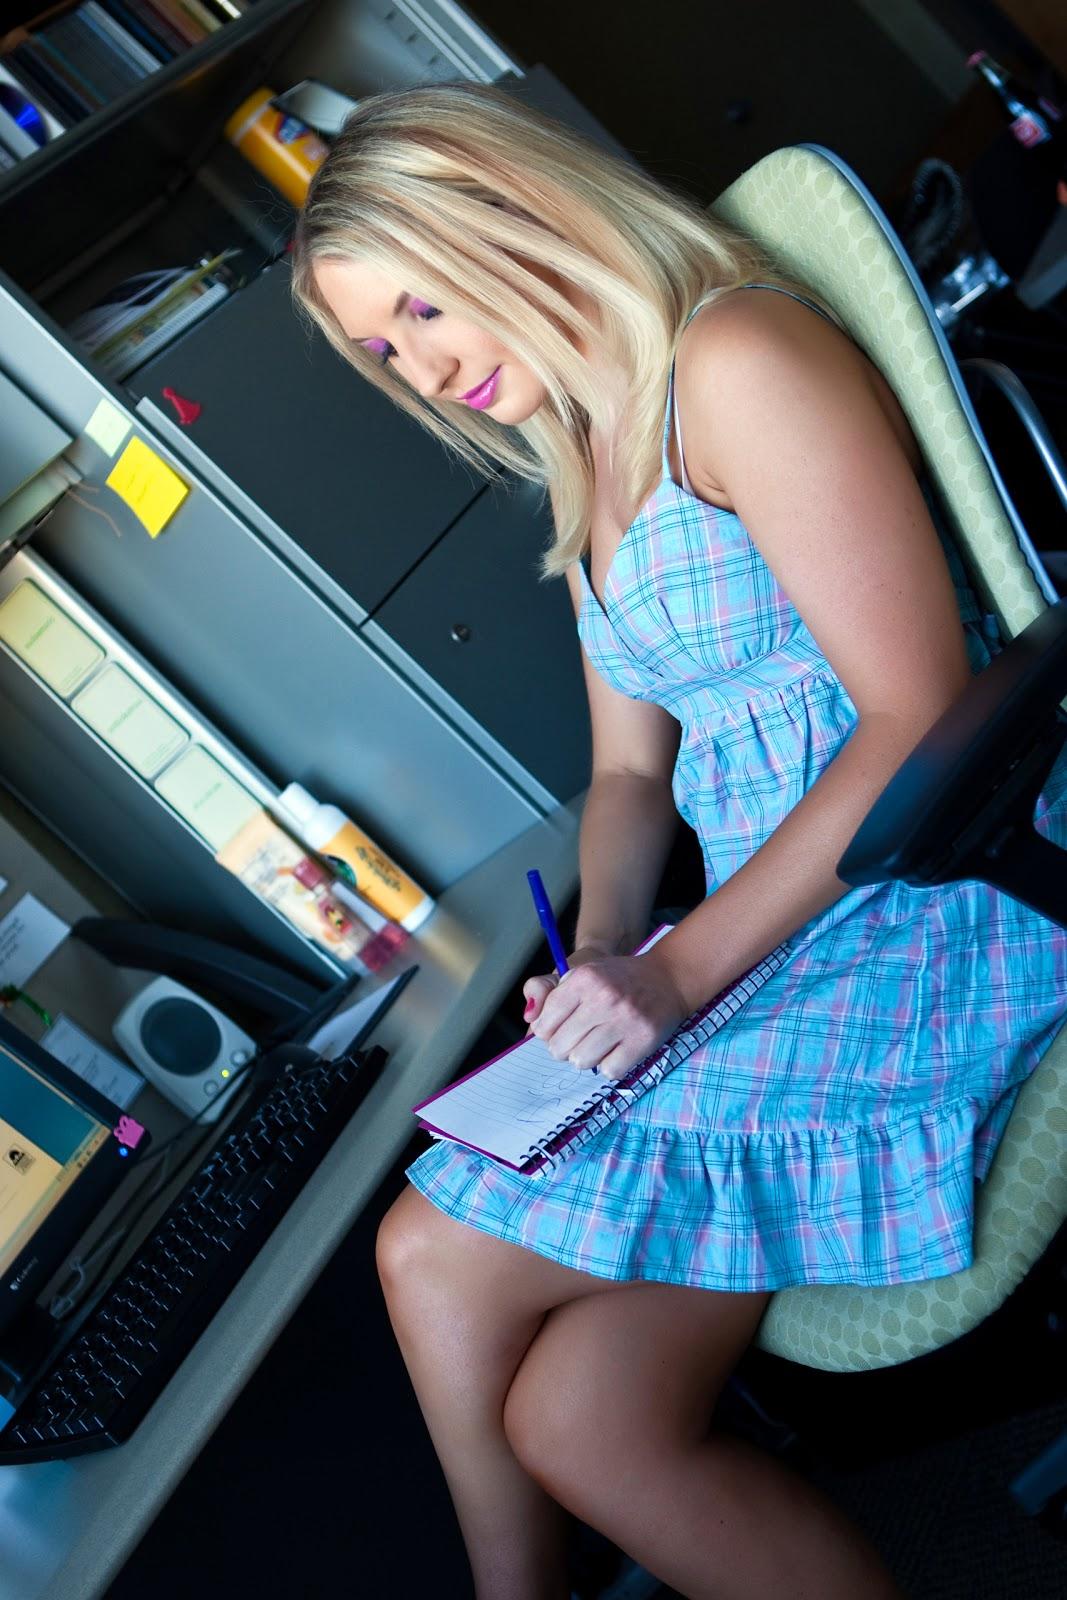 http://4.bp.blogspot.com/_EhpfzXK5Vac/TOwjrWrbjJI/AAAAAAAAASU/_EDJnmIy_BM/s1600/JessicaSchool_014.jpg